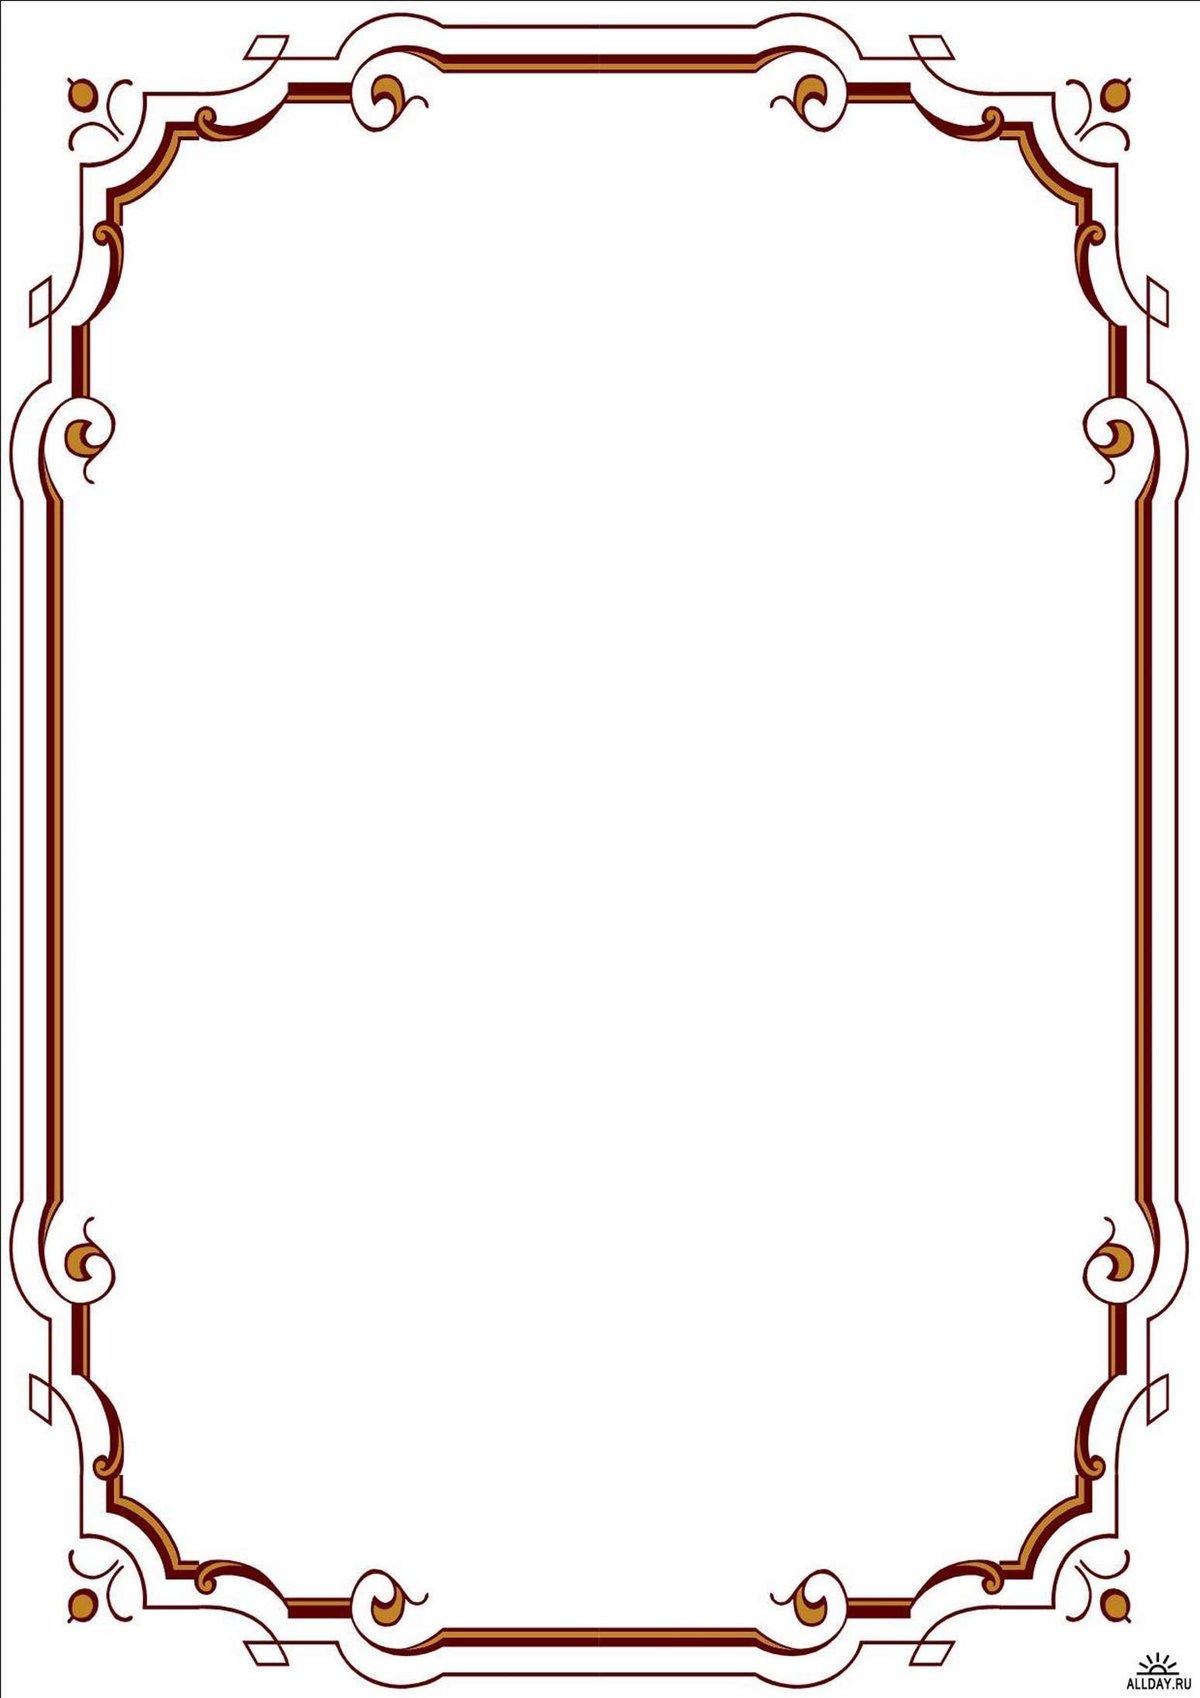 Рамки для текста ворд, картинка для детей